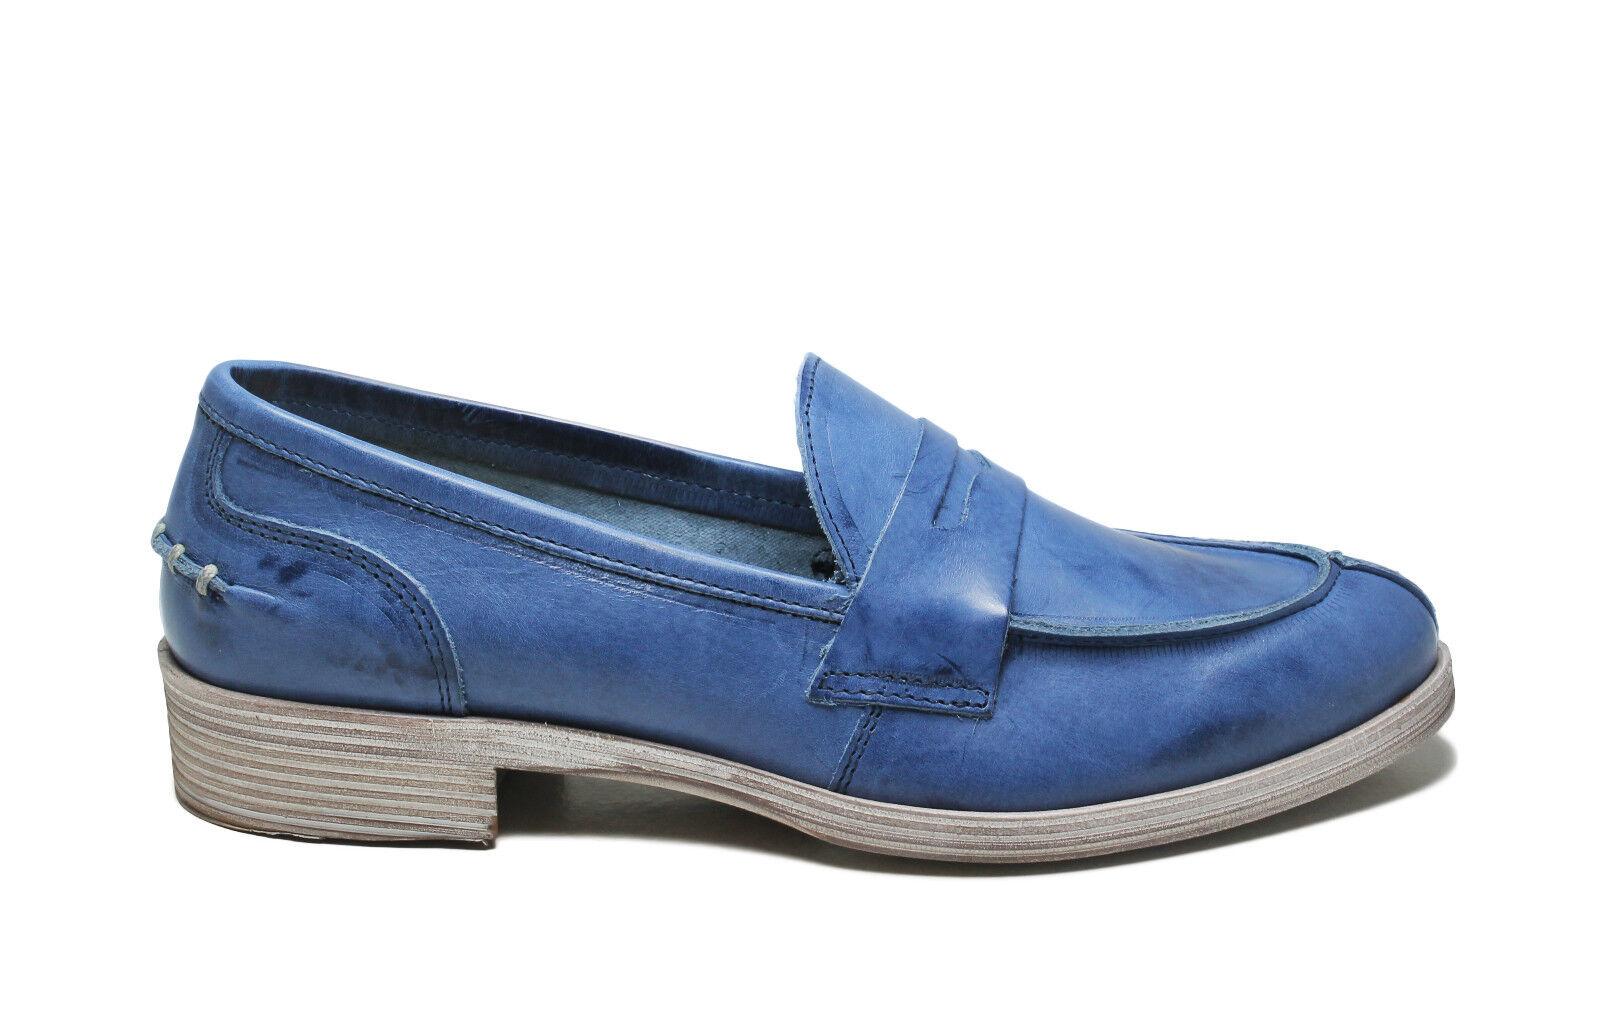 Venta de liquidación de temporada Descuento por tiempo limitado Mocassini College Loafers Scarpe Donna 36 Blu Jeans Vera Pelle Made Italy Estivi